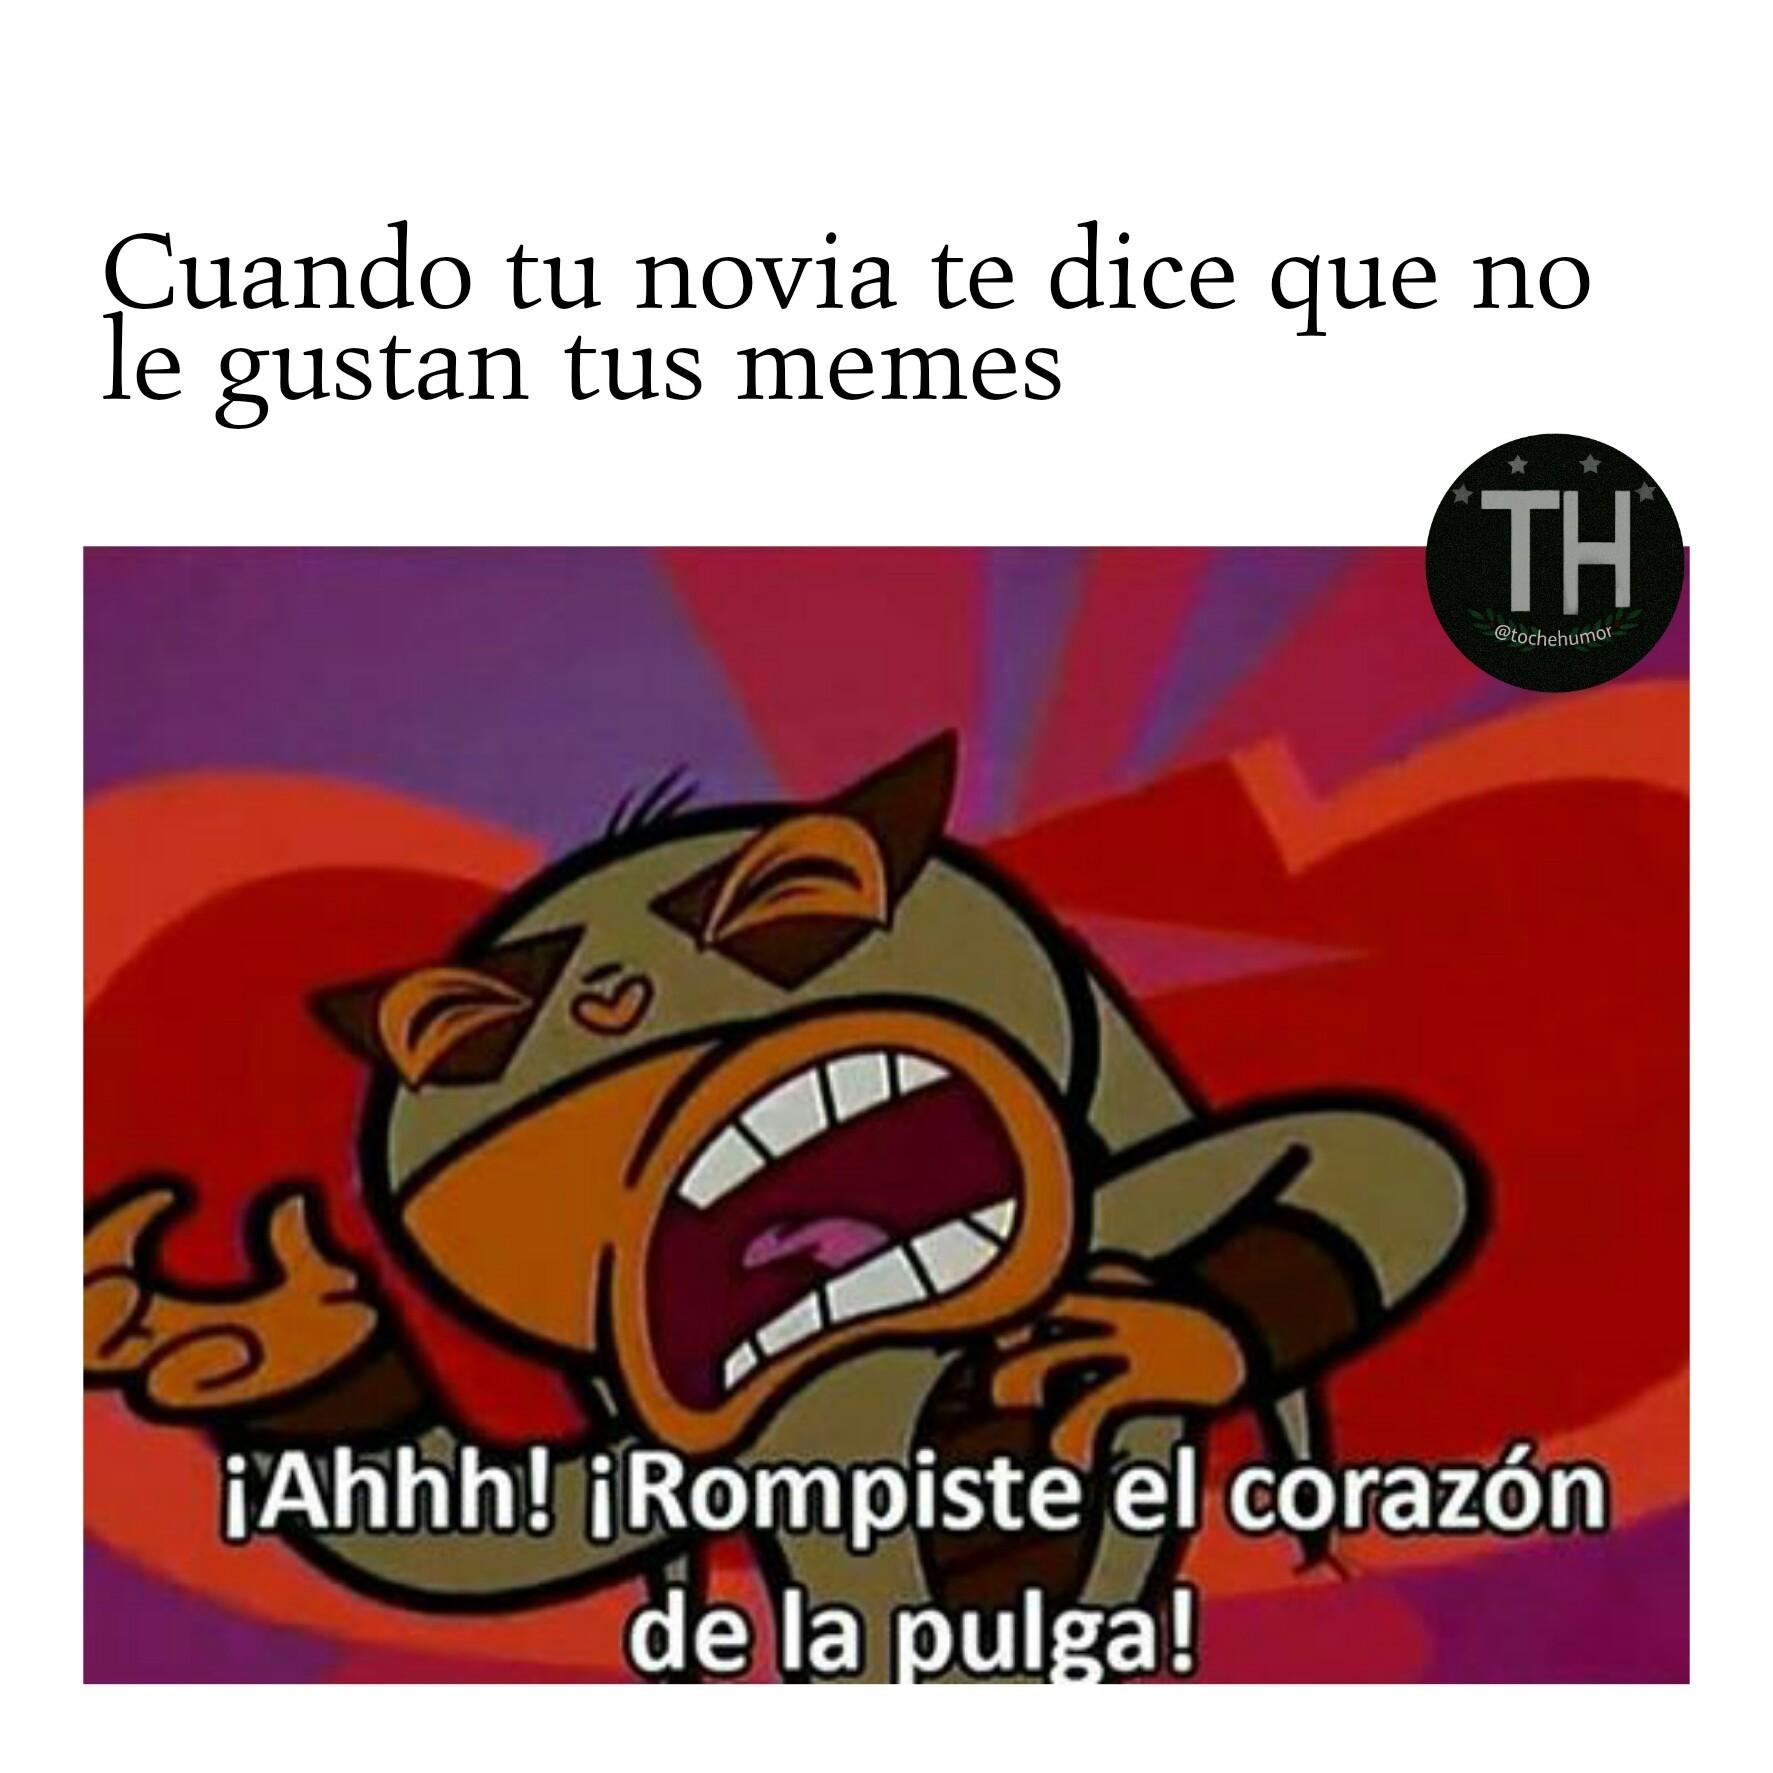 TRAICIÓN :'( - meme